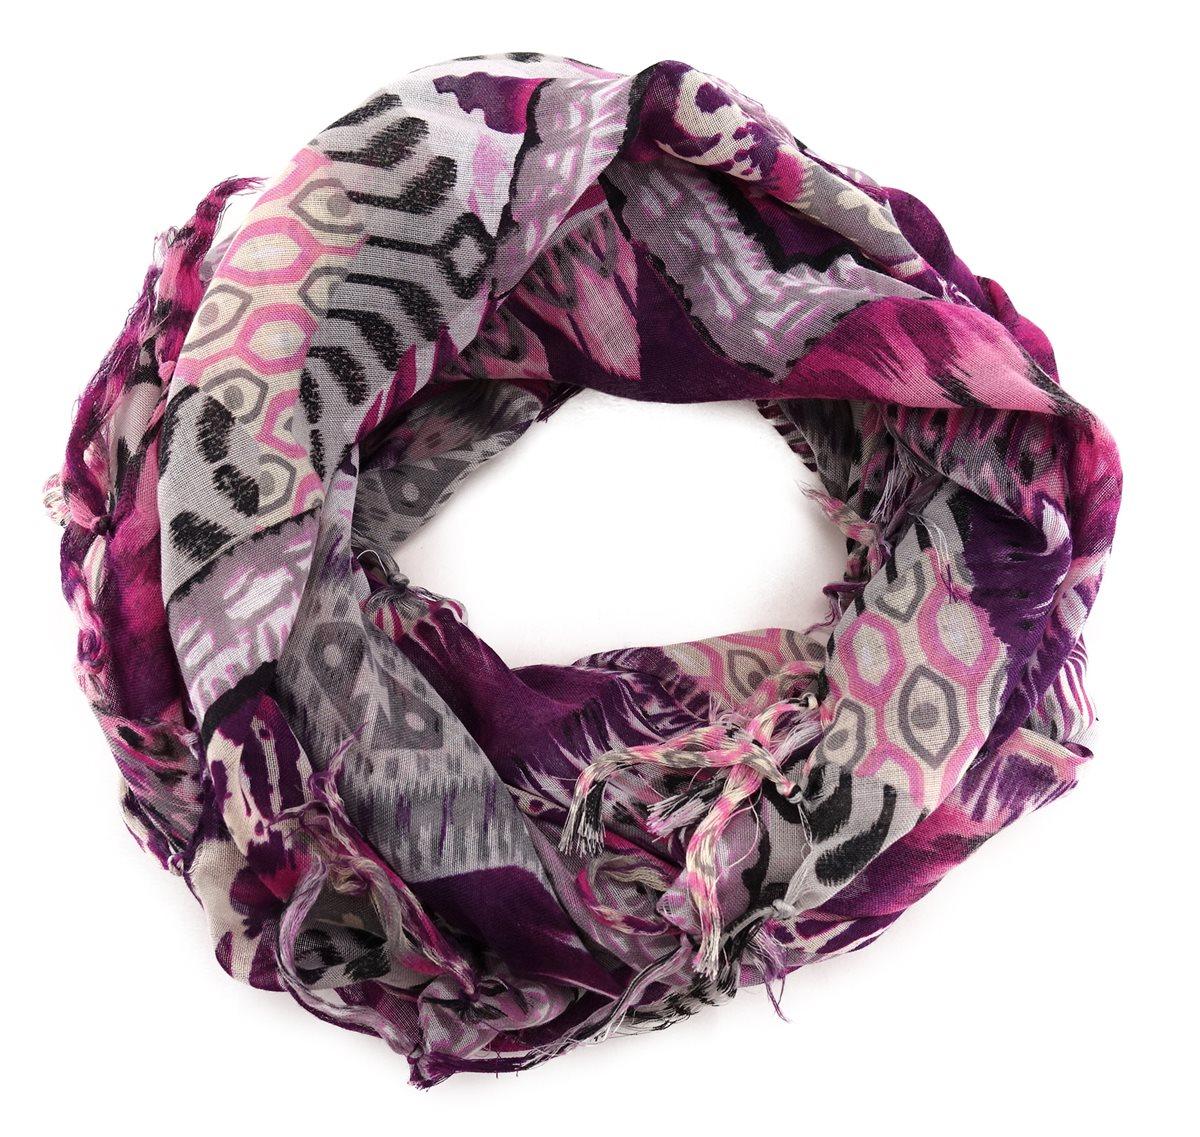 Tuchgröße 100 x 100 cm TigerTie Damen Halstuch in violett flieder gemustert